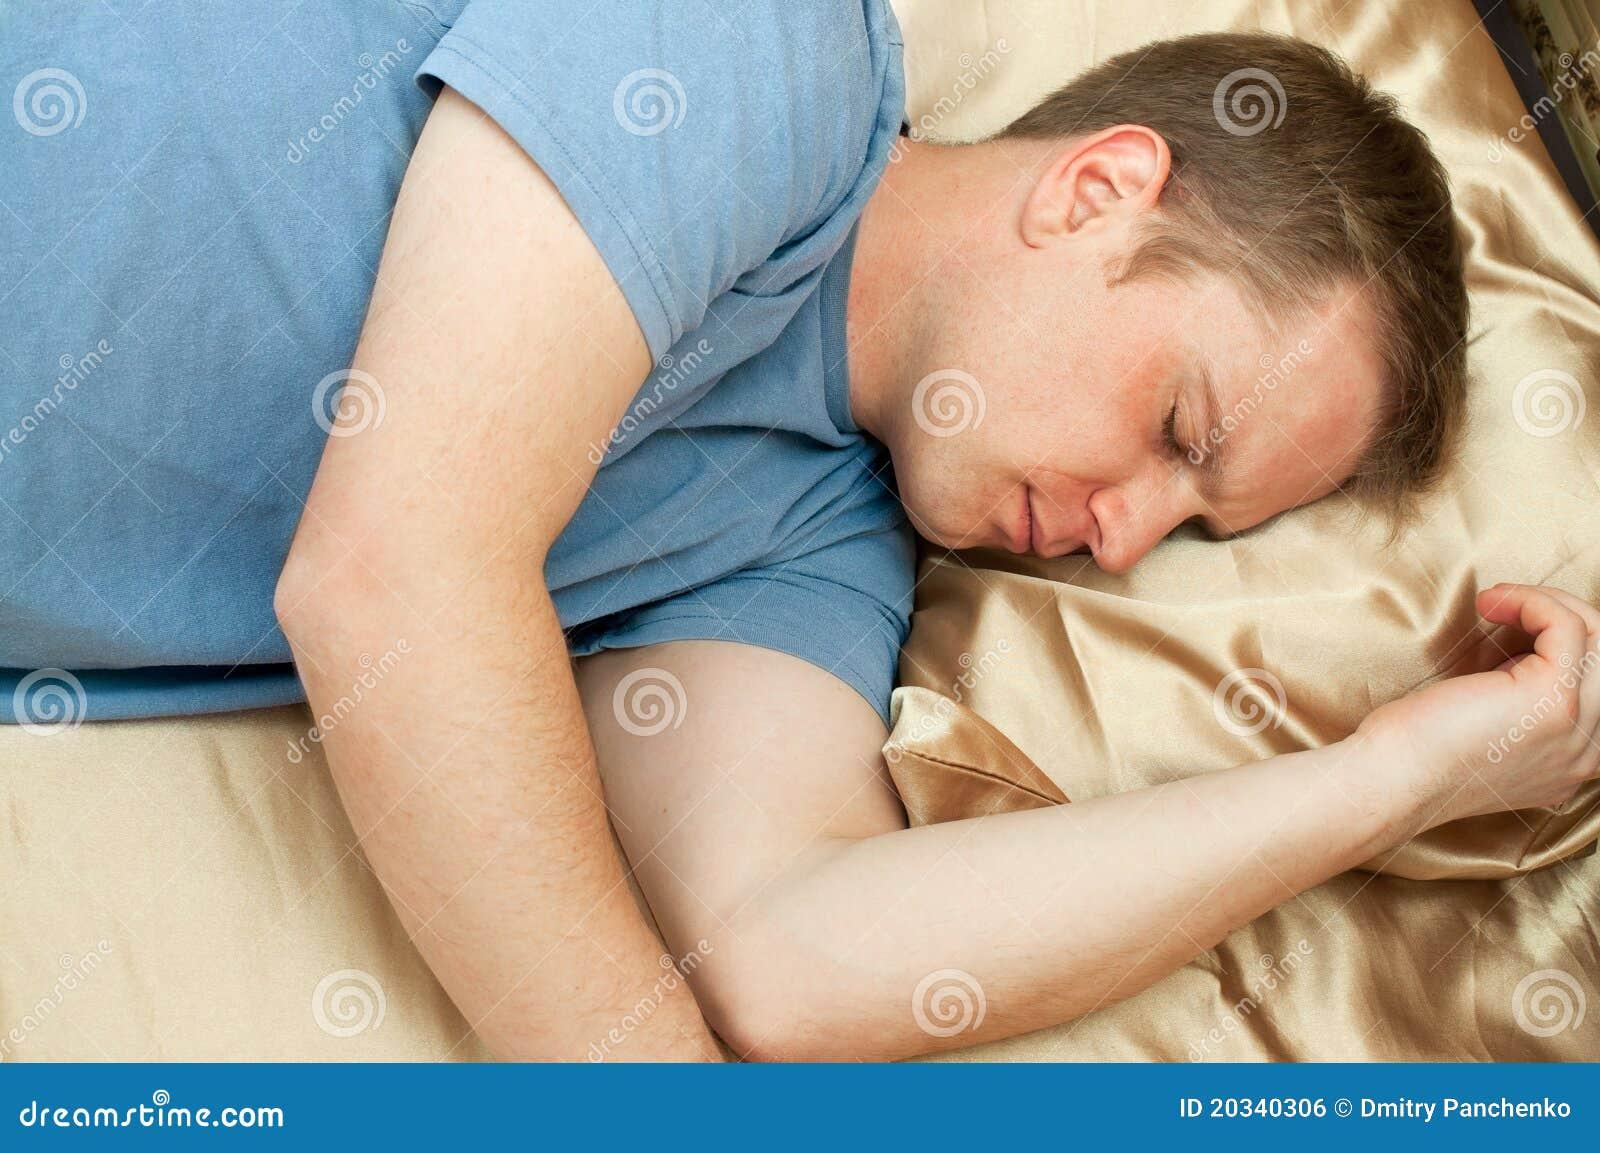 Free making sleeping guy cum gay porn but 6